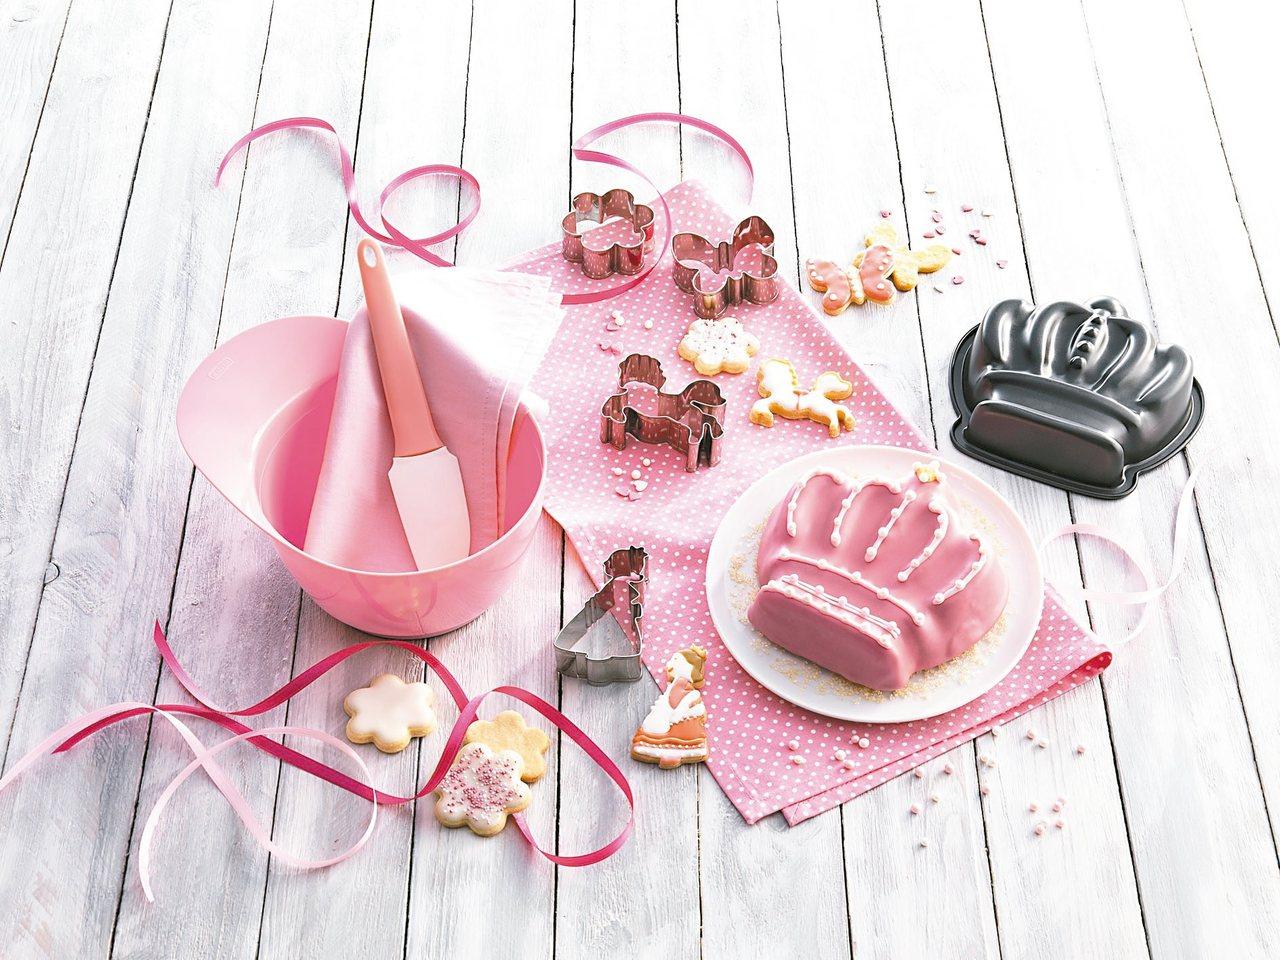 兒童專用烘焙組,可做小朋友喜愛的造型餐點。 圖/WMF提供